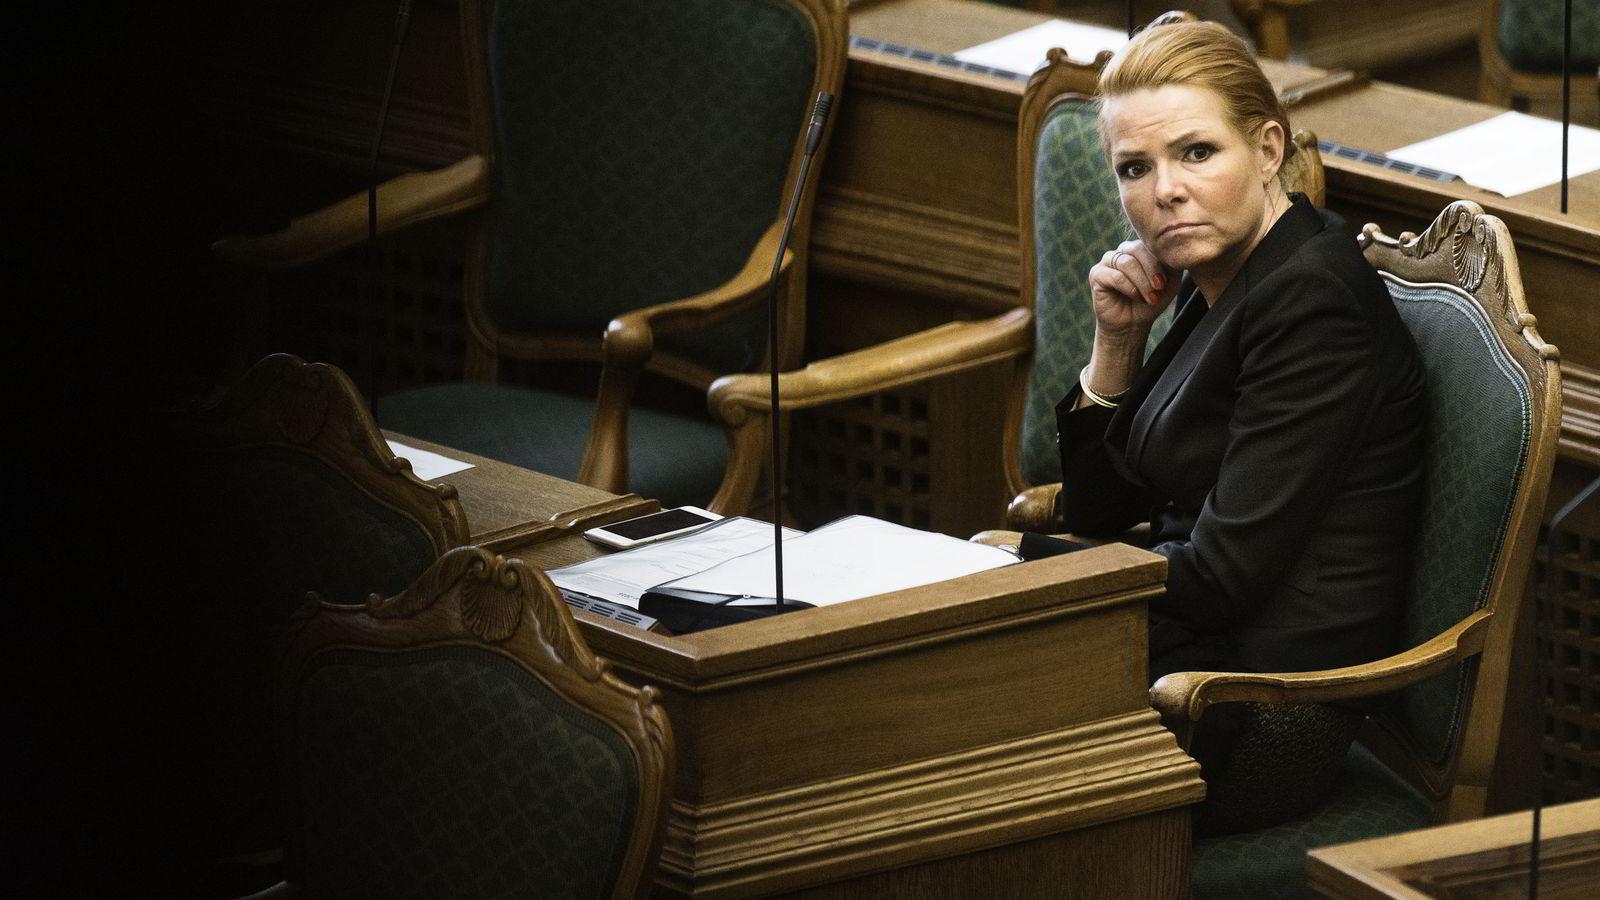 Danmarks integrasjonsminister Inger Støjberg lytter til debatten i Folketinget. Foto: Reuters / NTB scanpix